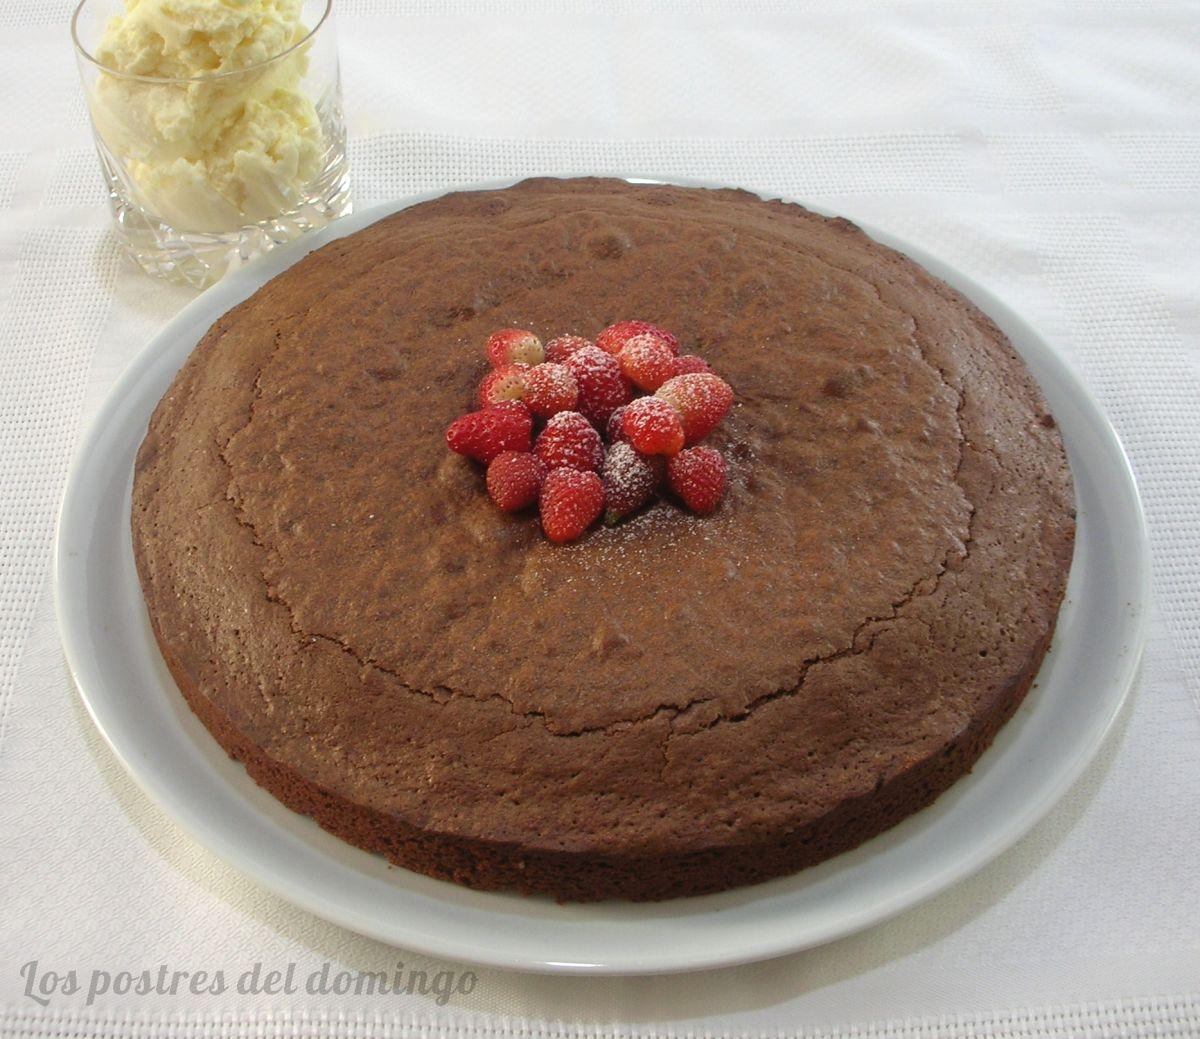 Brownie con mascarpone y fresas